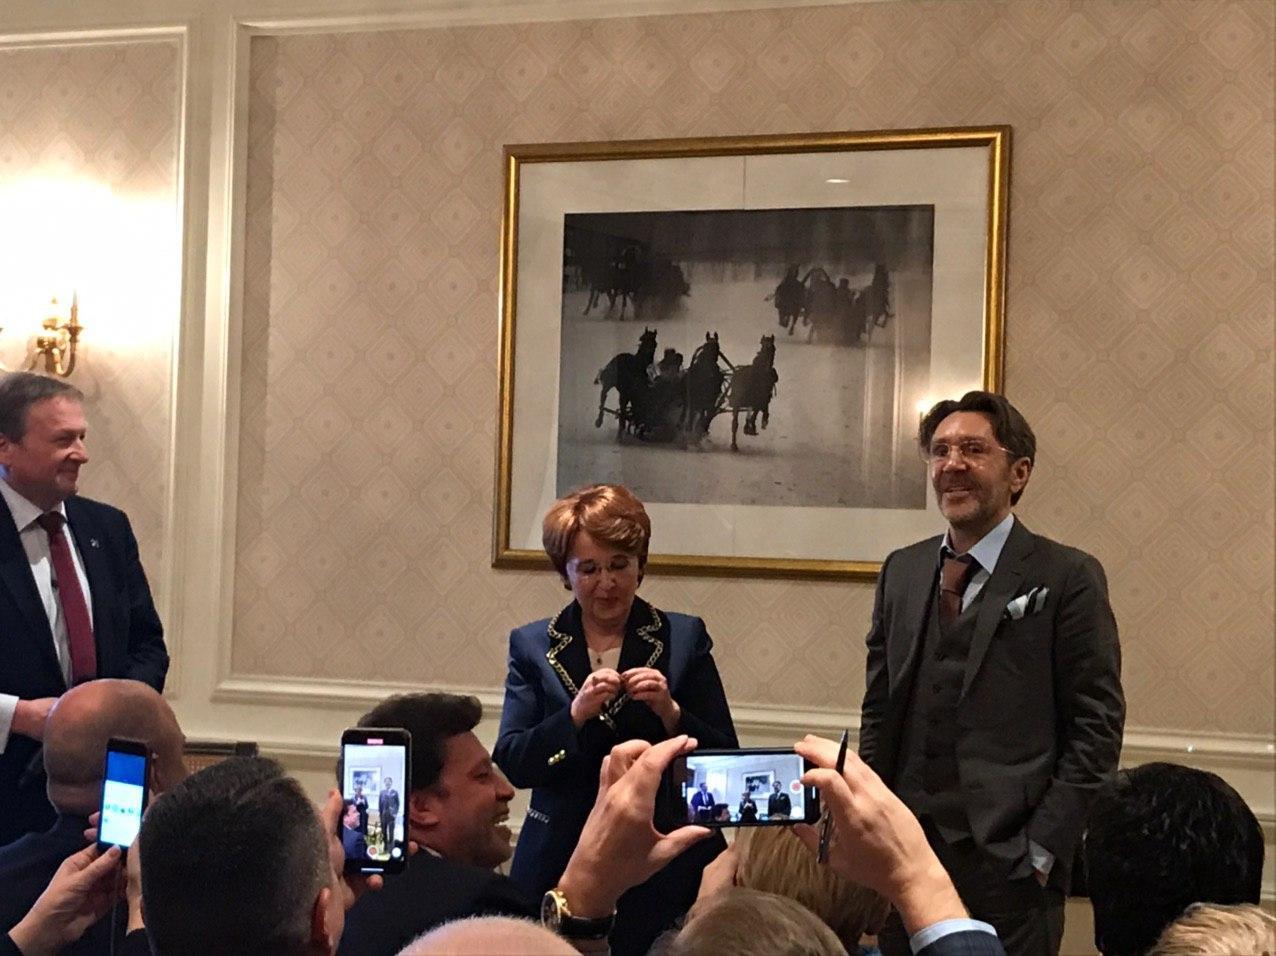 фото ЗакС политика Титов опроверг информацию о выдвижении Шнурова в Госдуму в 2021 году